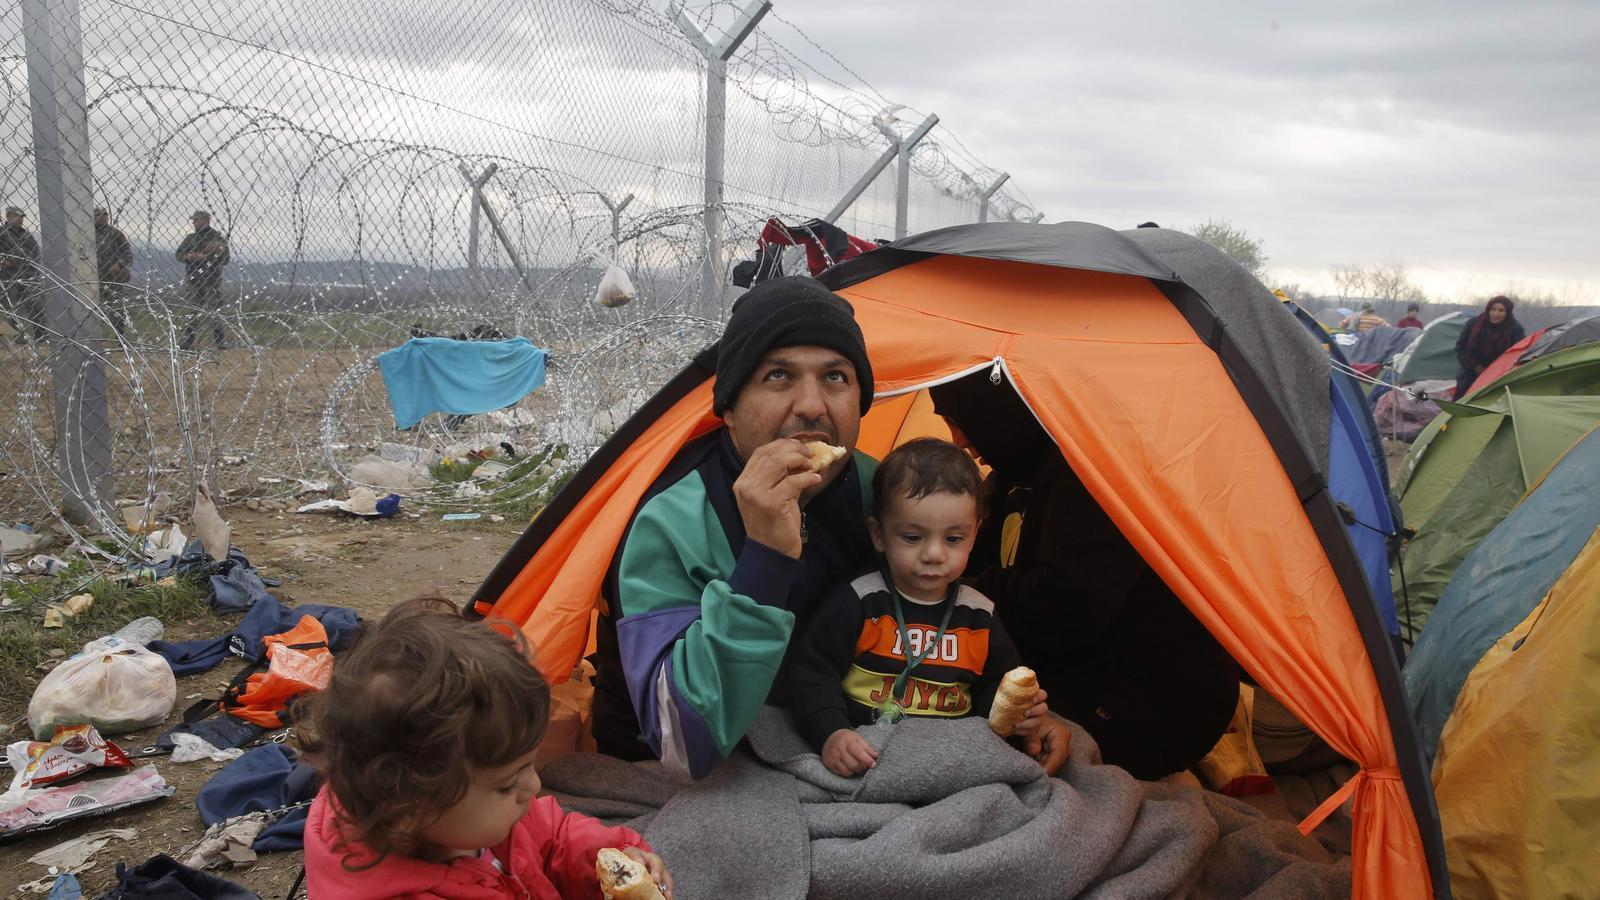 DES DE CASA - Página 6 Tendes-plantades-tocar-frontera-Macedonia_1535856543_27729330_399x224